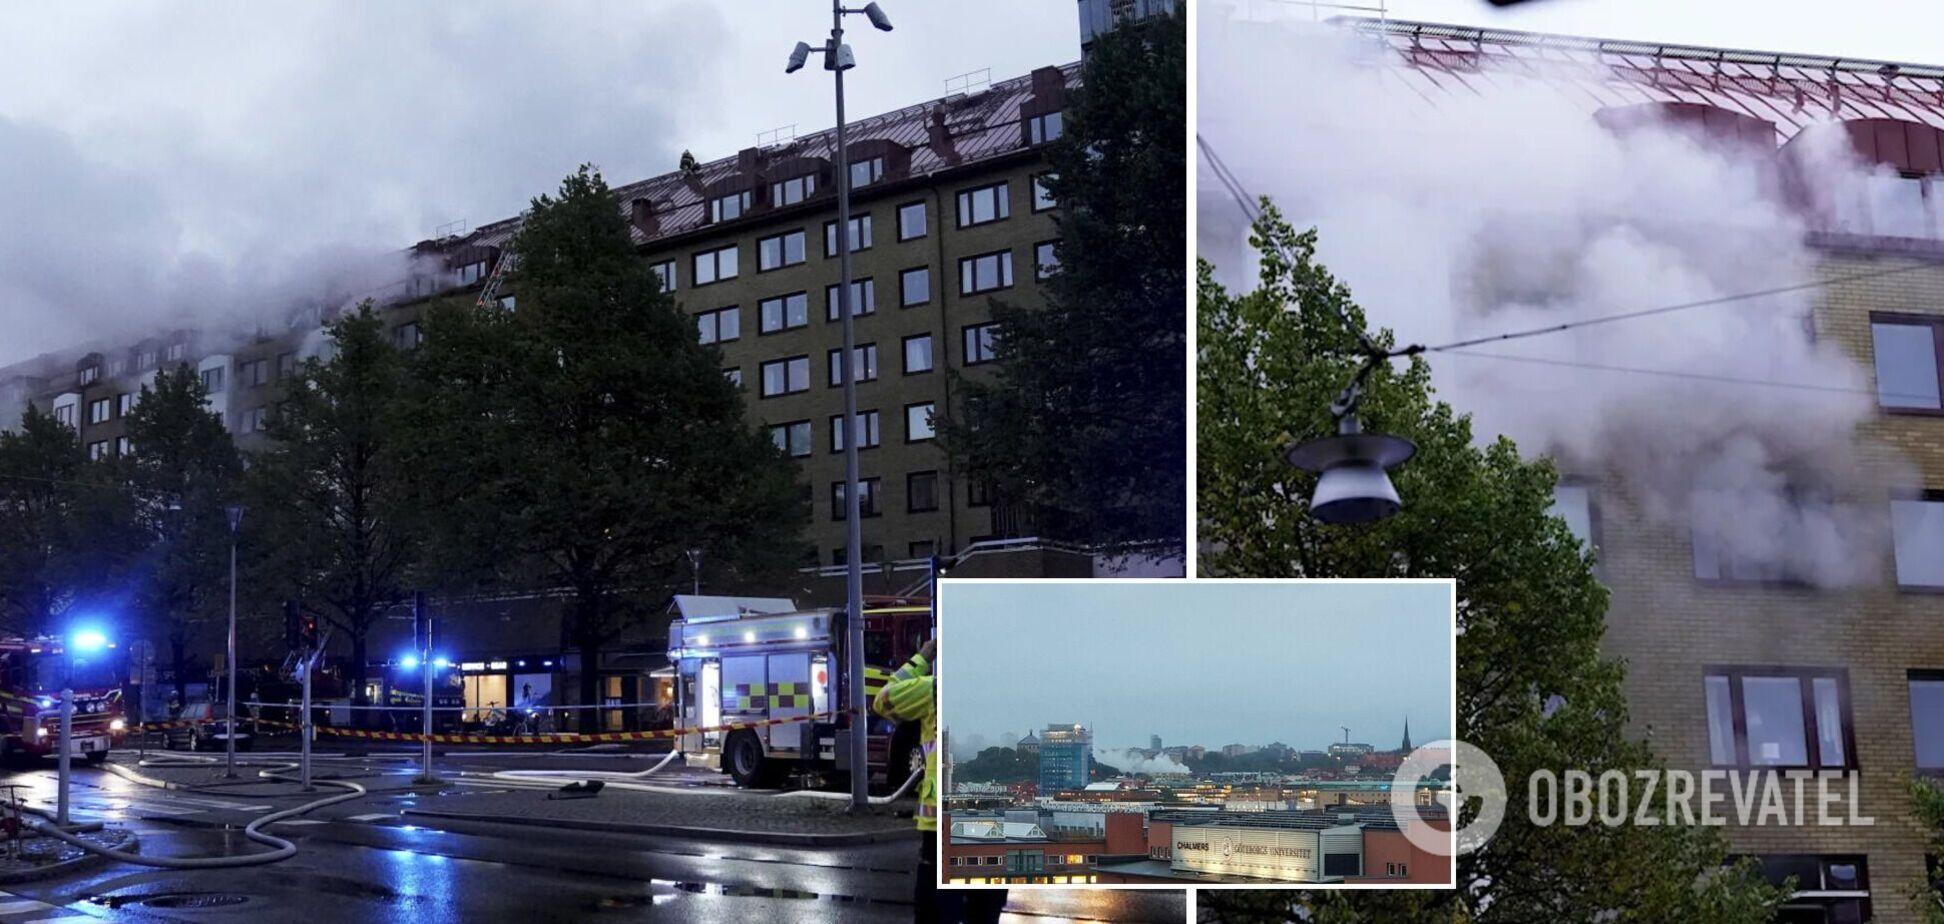 В Швеции прогремел мощный взрыв в многоэтажке, пострадали десятки людей. Фото и видео